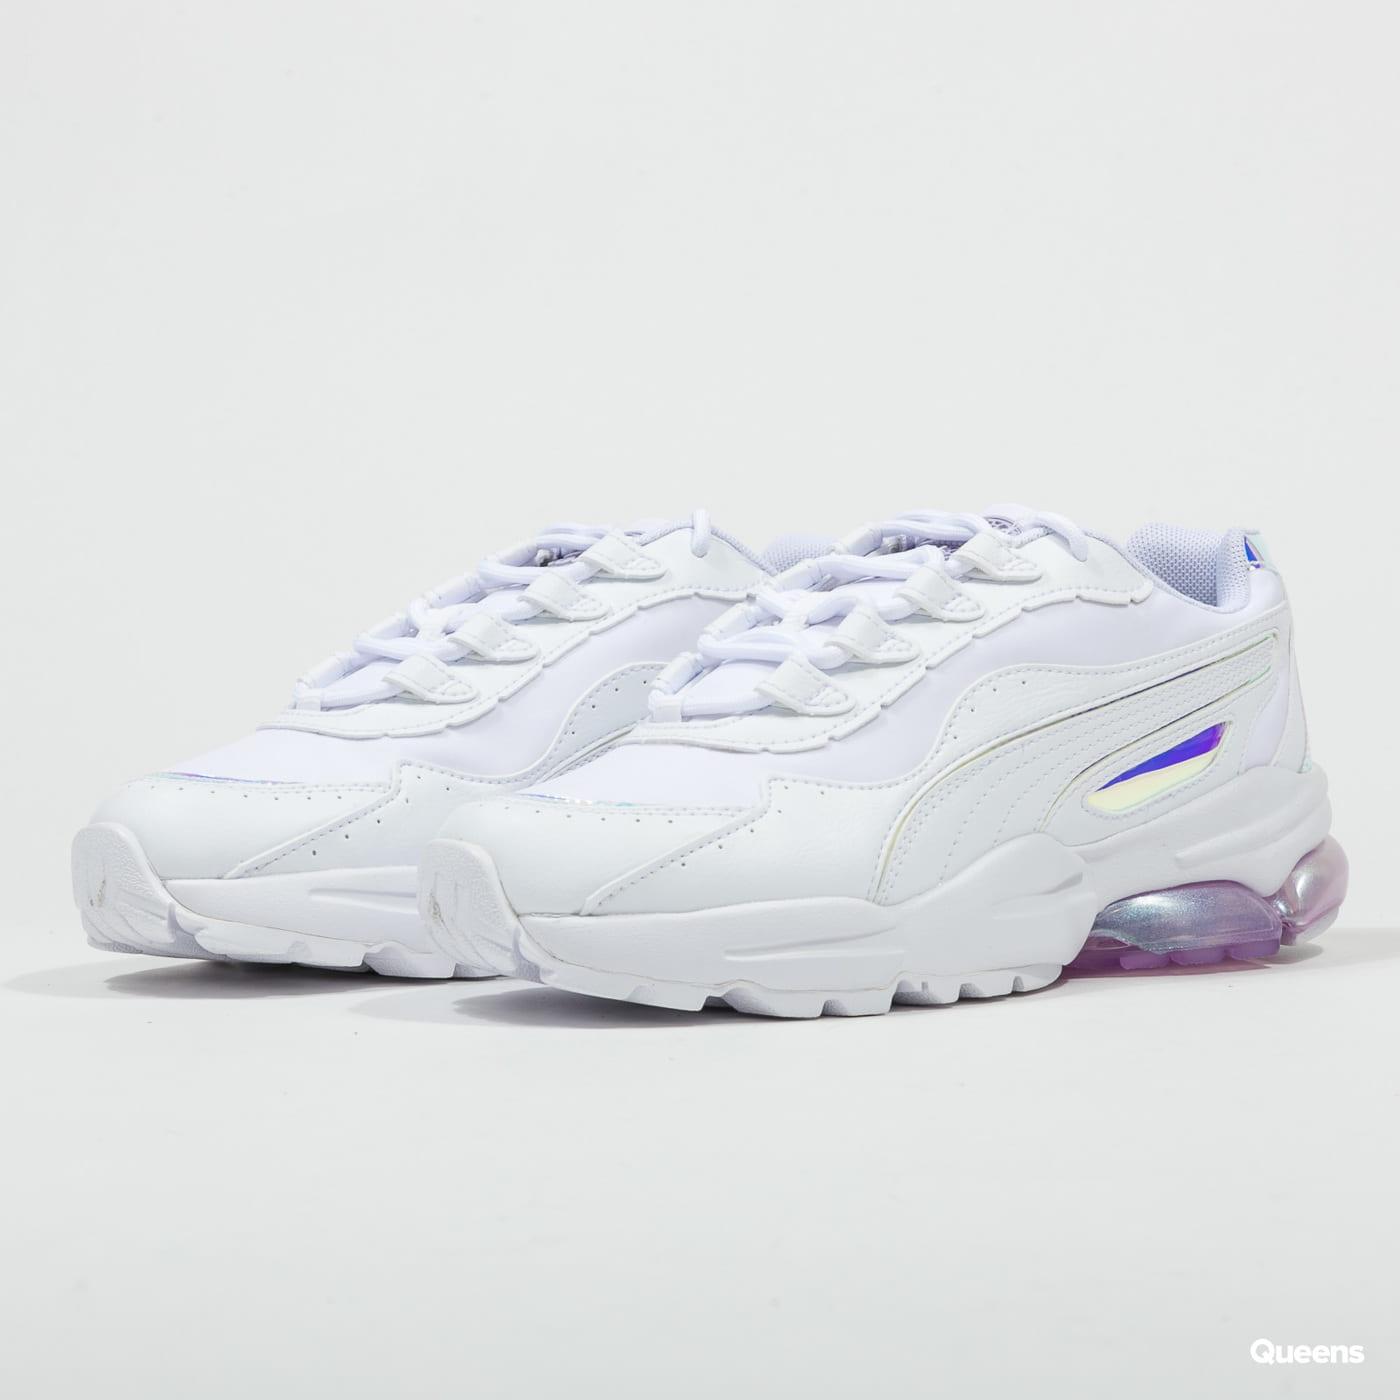 Puma Cell Steliar Glow Wn's puma white - purple heather